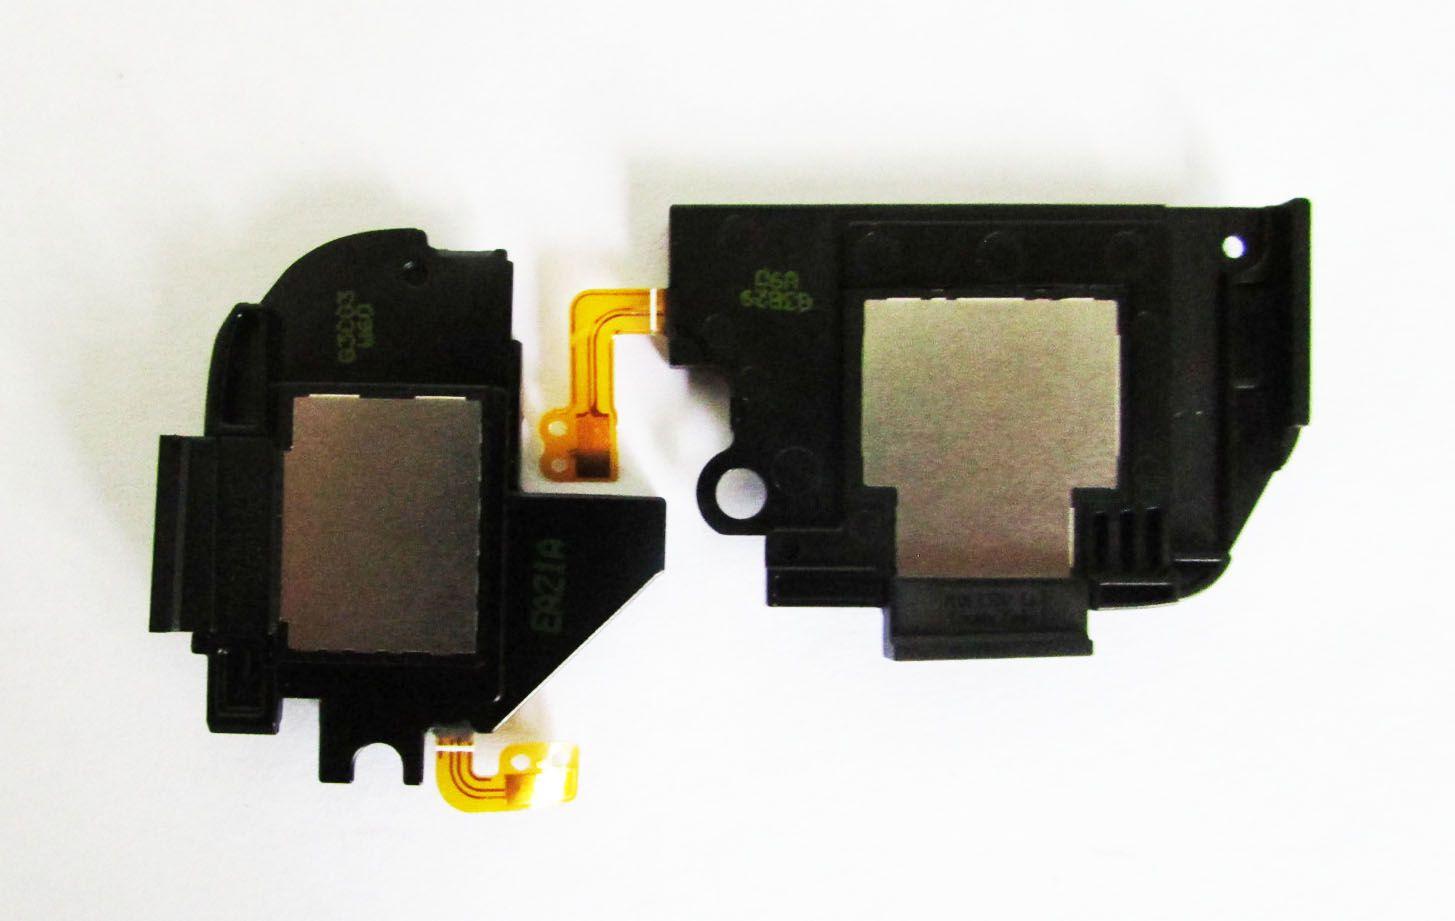 Par Alto Falante Campainha Tablete Samsung Galaxy Tab 3 7.0 P3210 (semi novo)